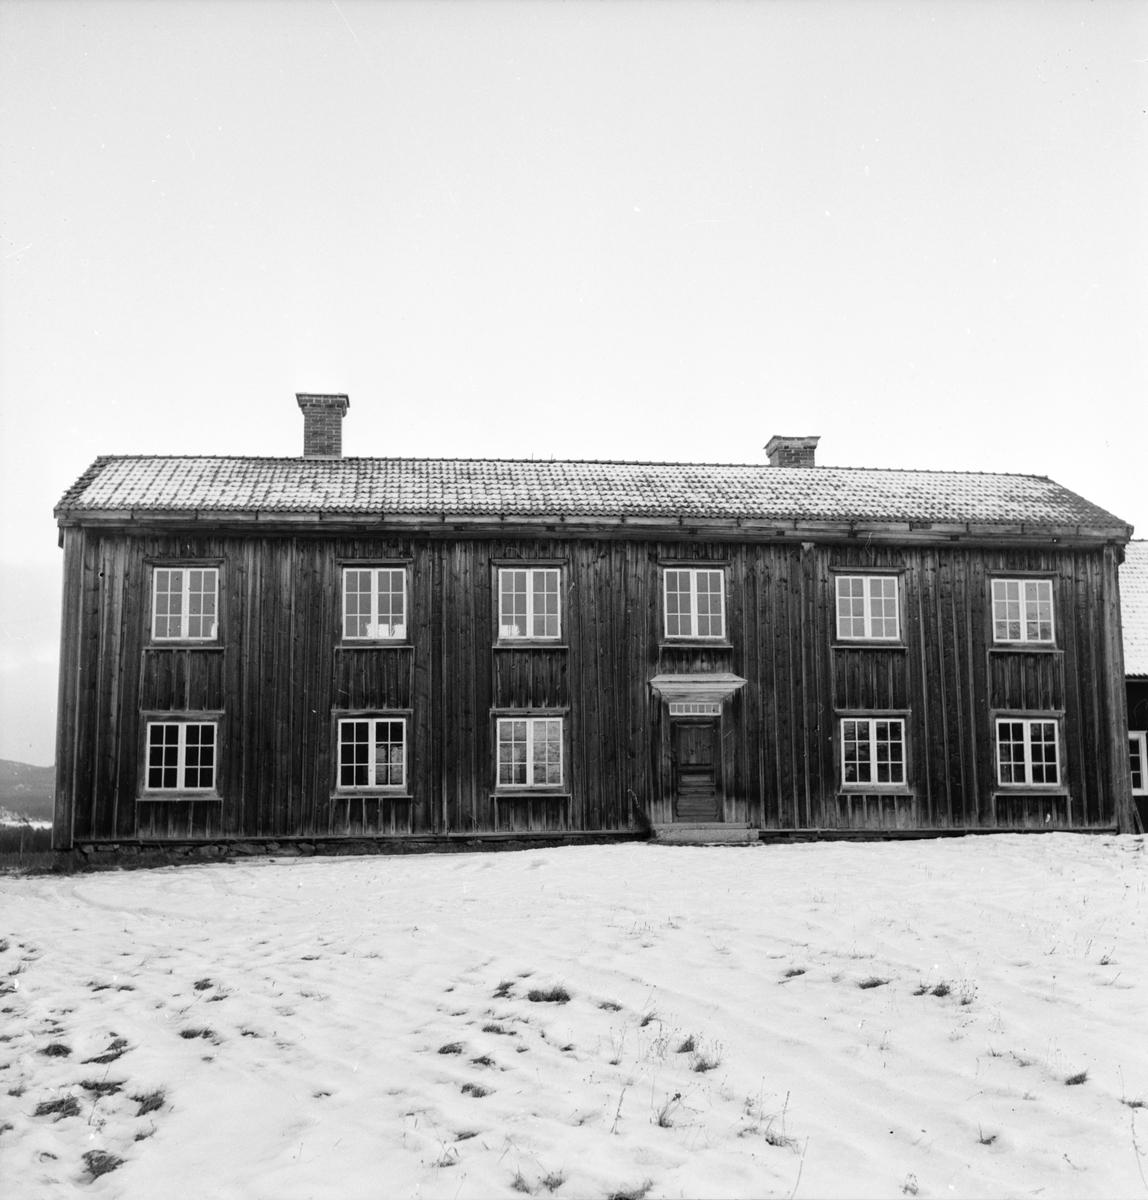 Turistföreningen halvårsmöte i Arbrå, Willy Maria Lundberg, 8 December 1963